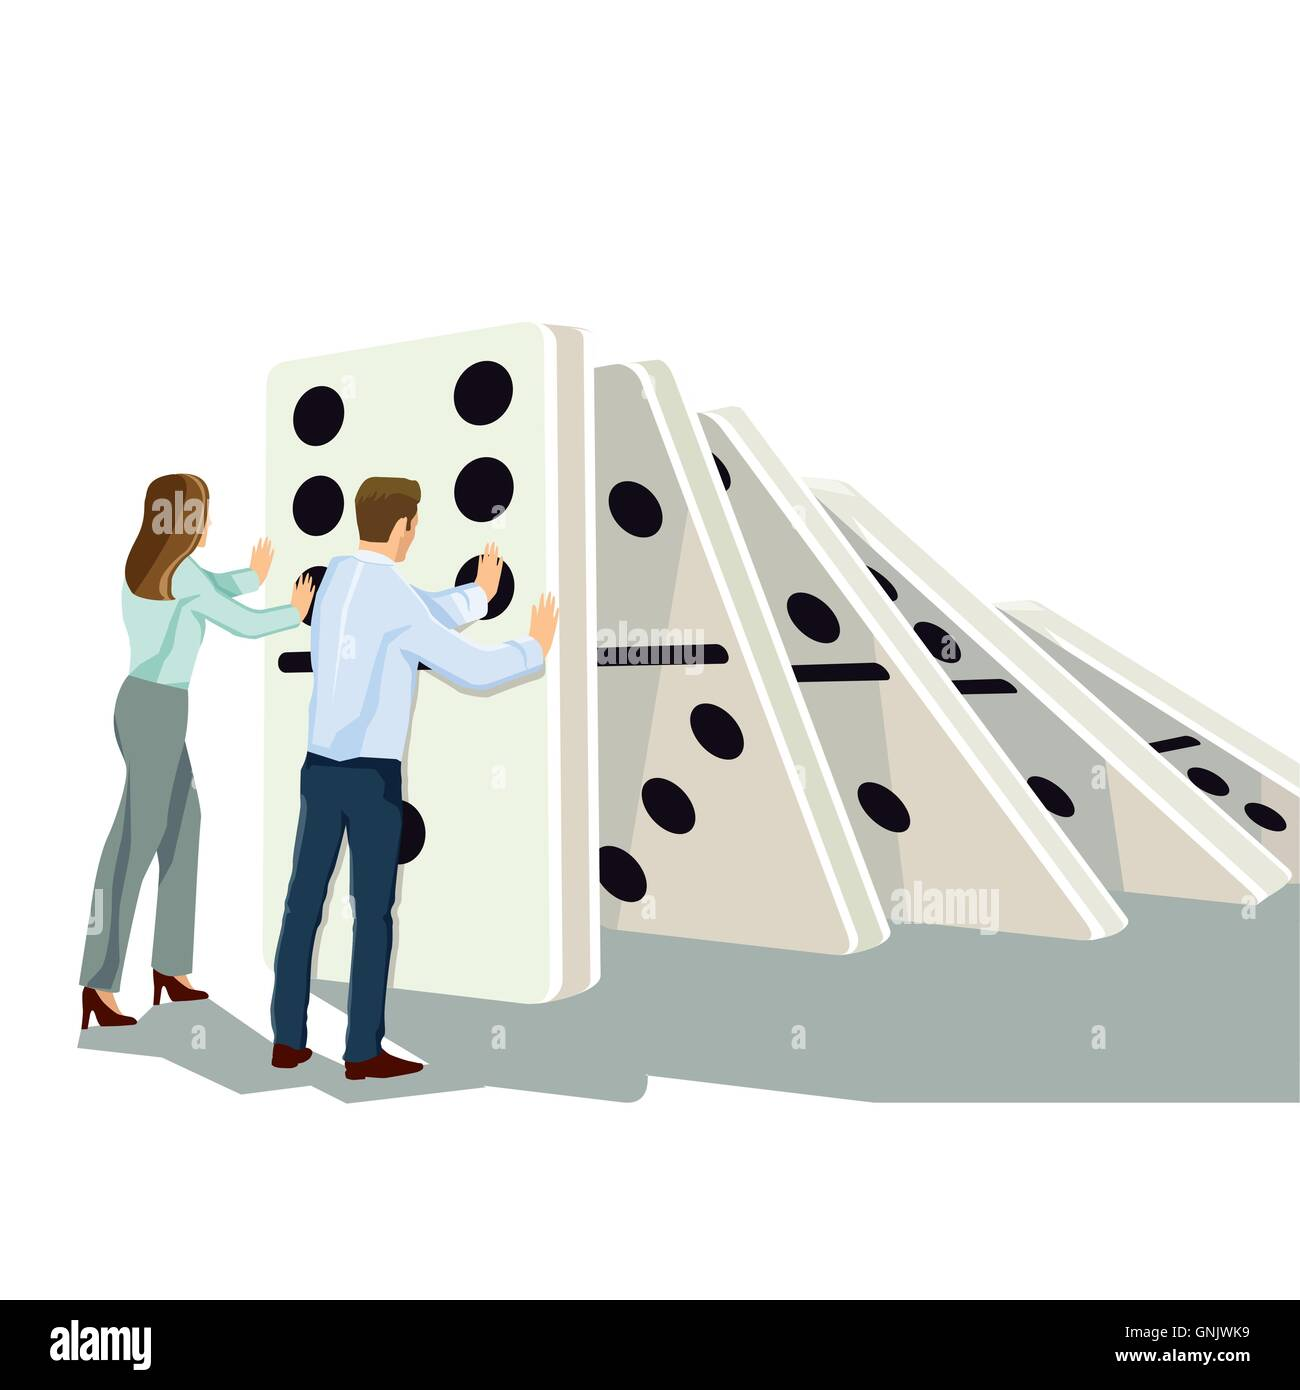 Domino effect - Stock Vector